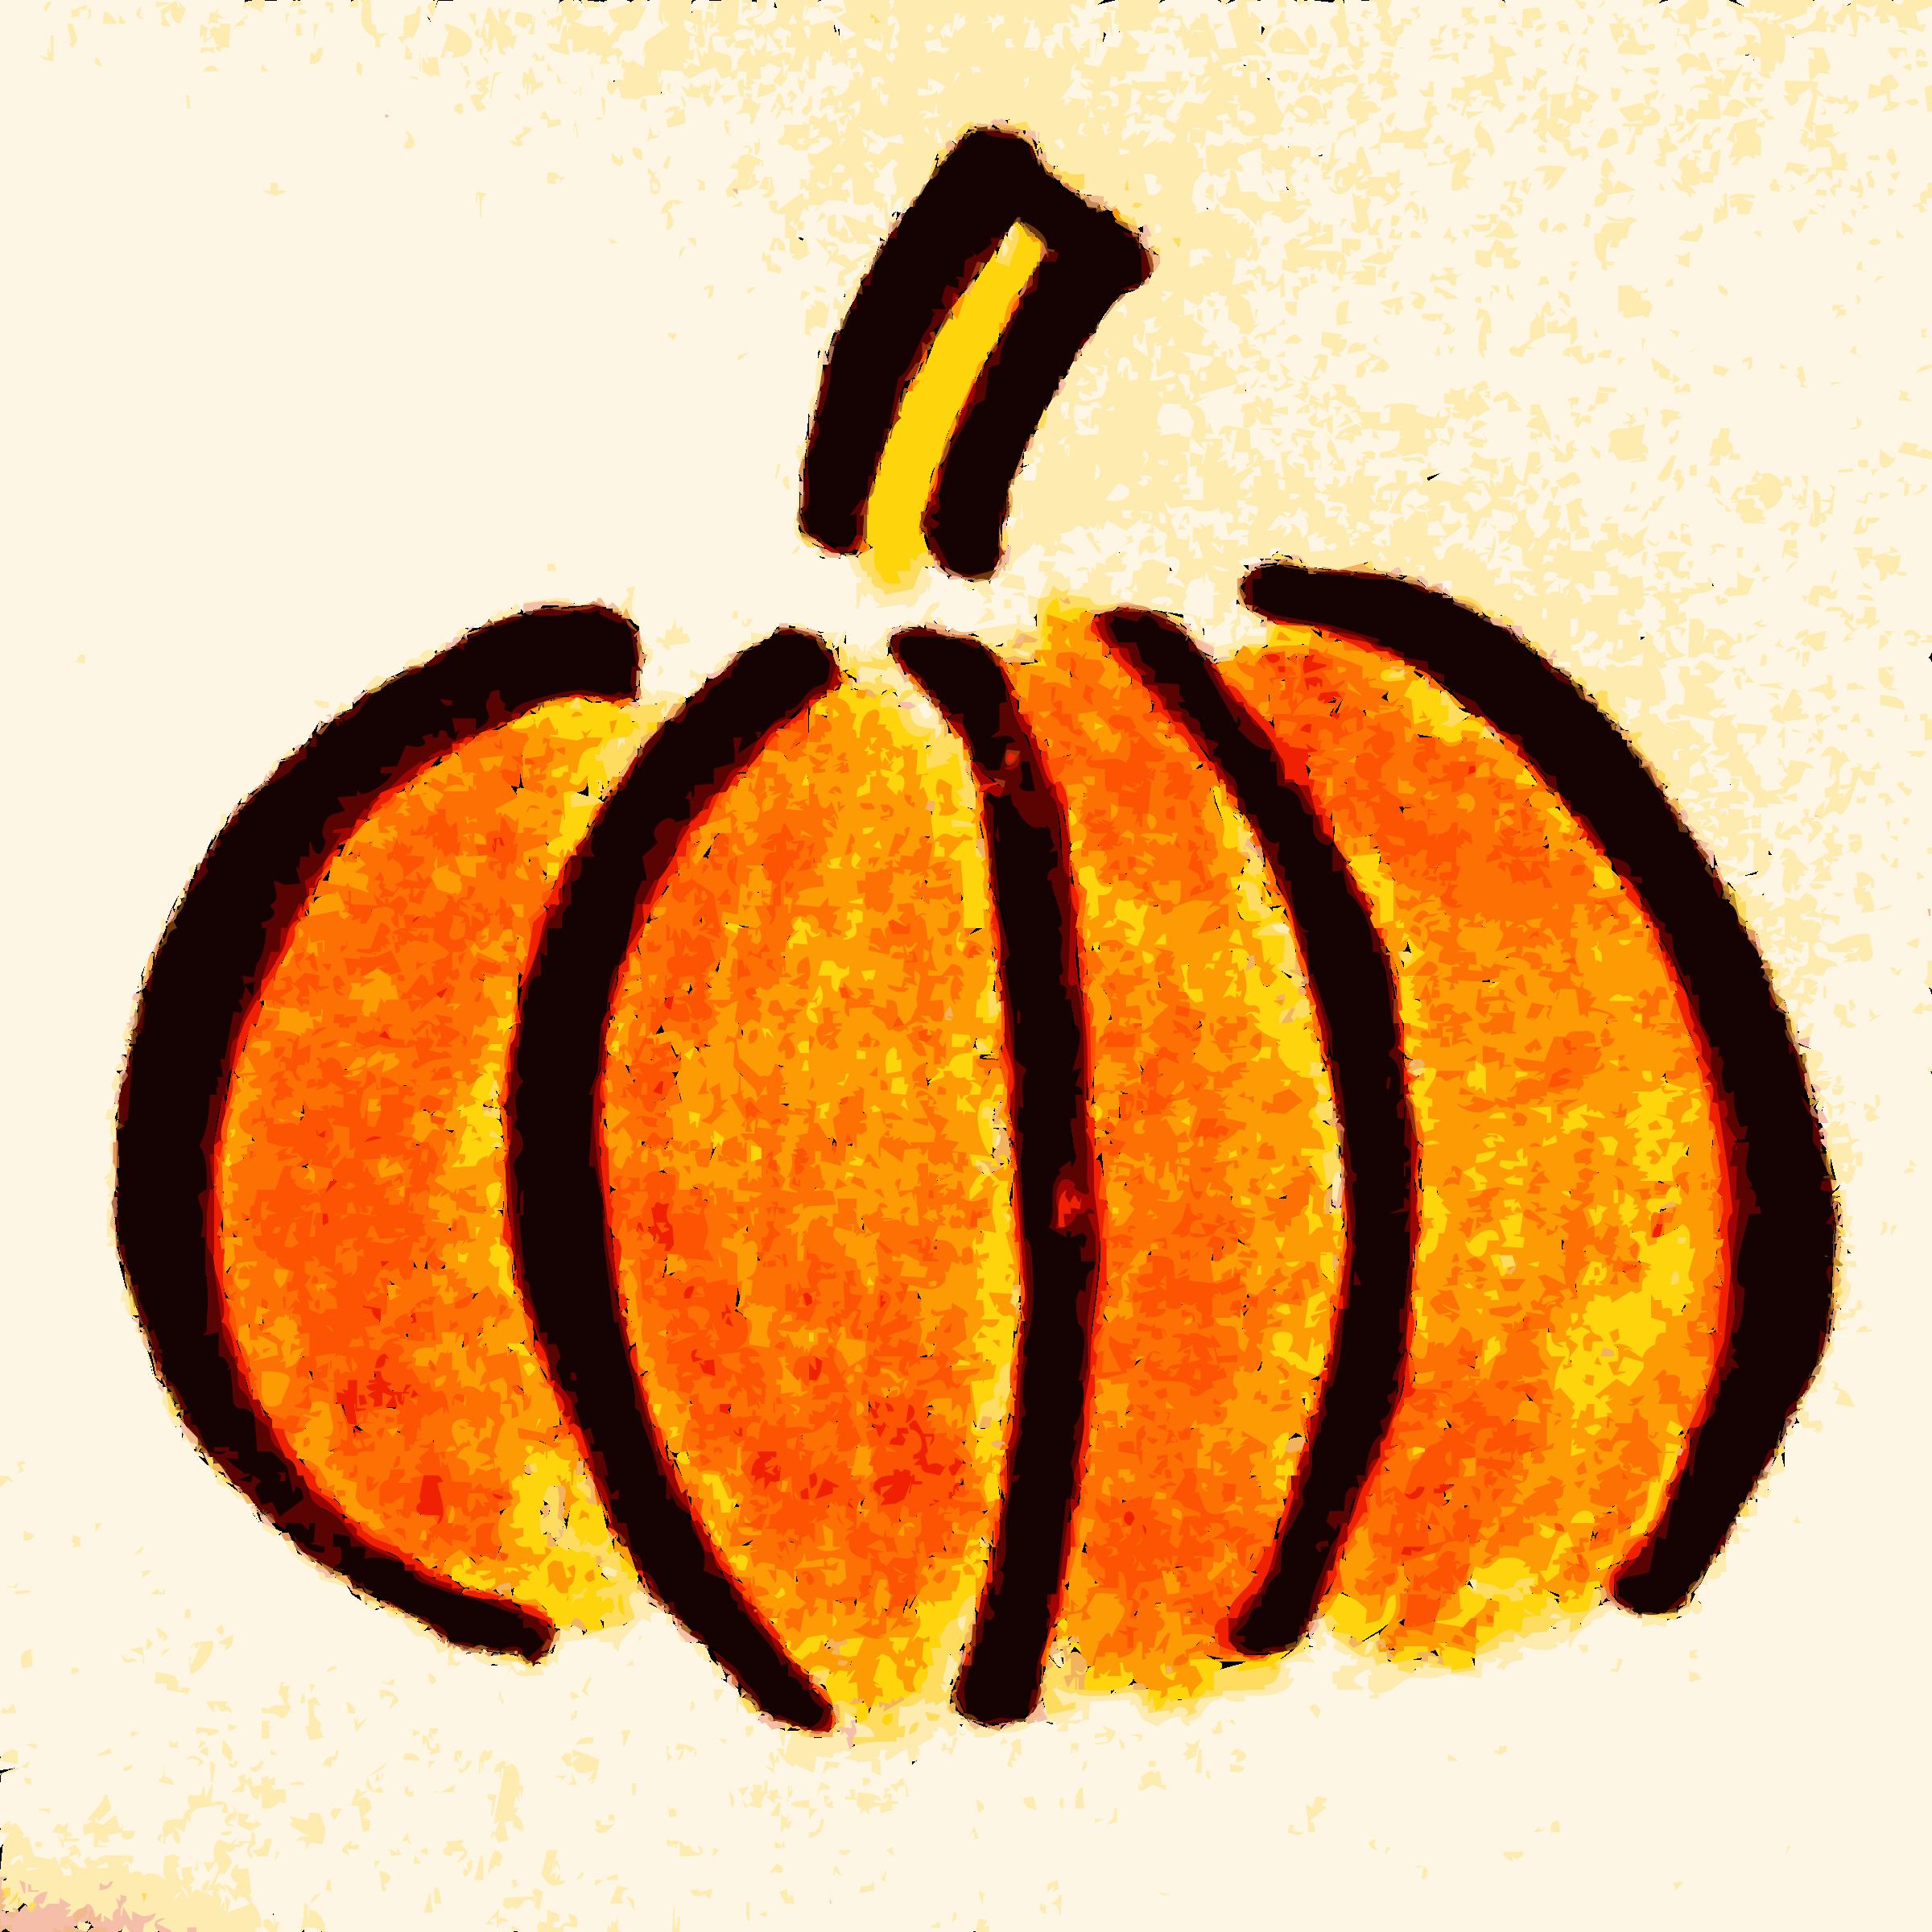 Thanksgiving pumpkin clipart image